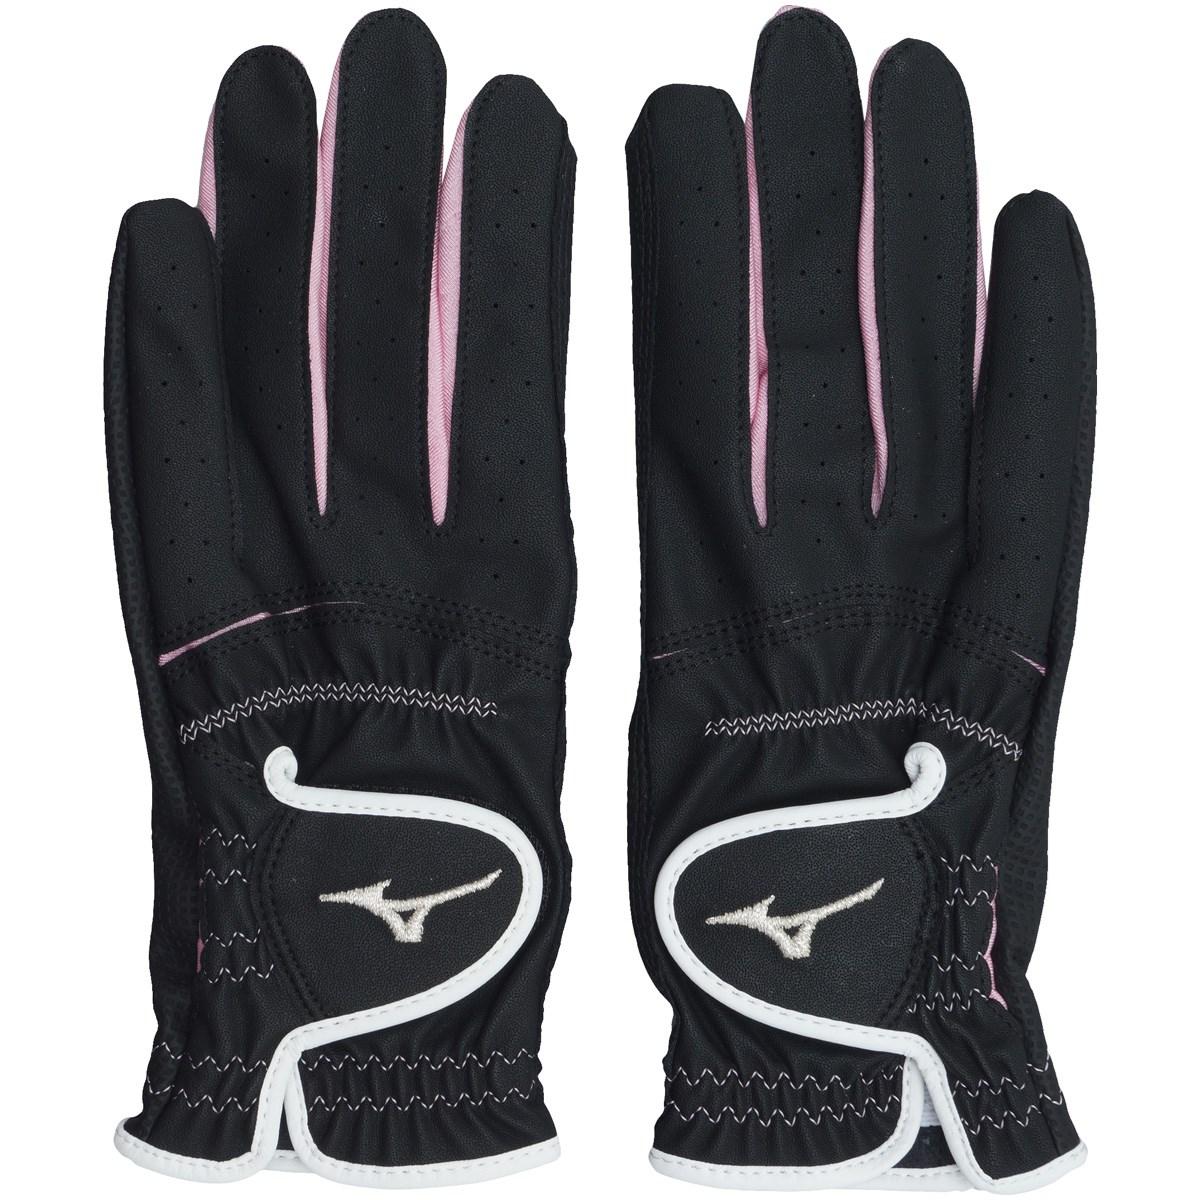 ミズノ MIZUNO efil手袋 両手用 45GH93112 21cm 両手用 ブラック×ピンク レディス